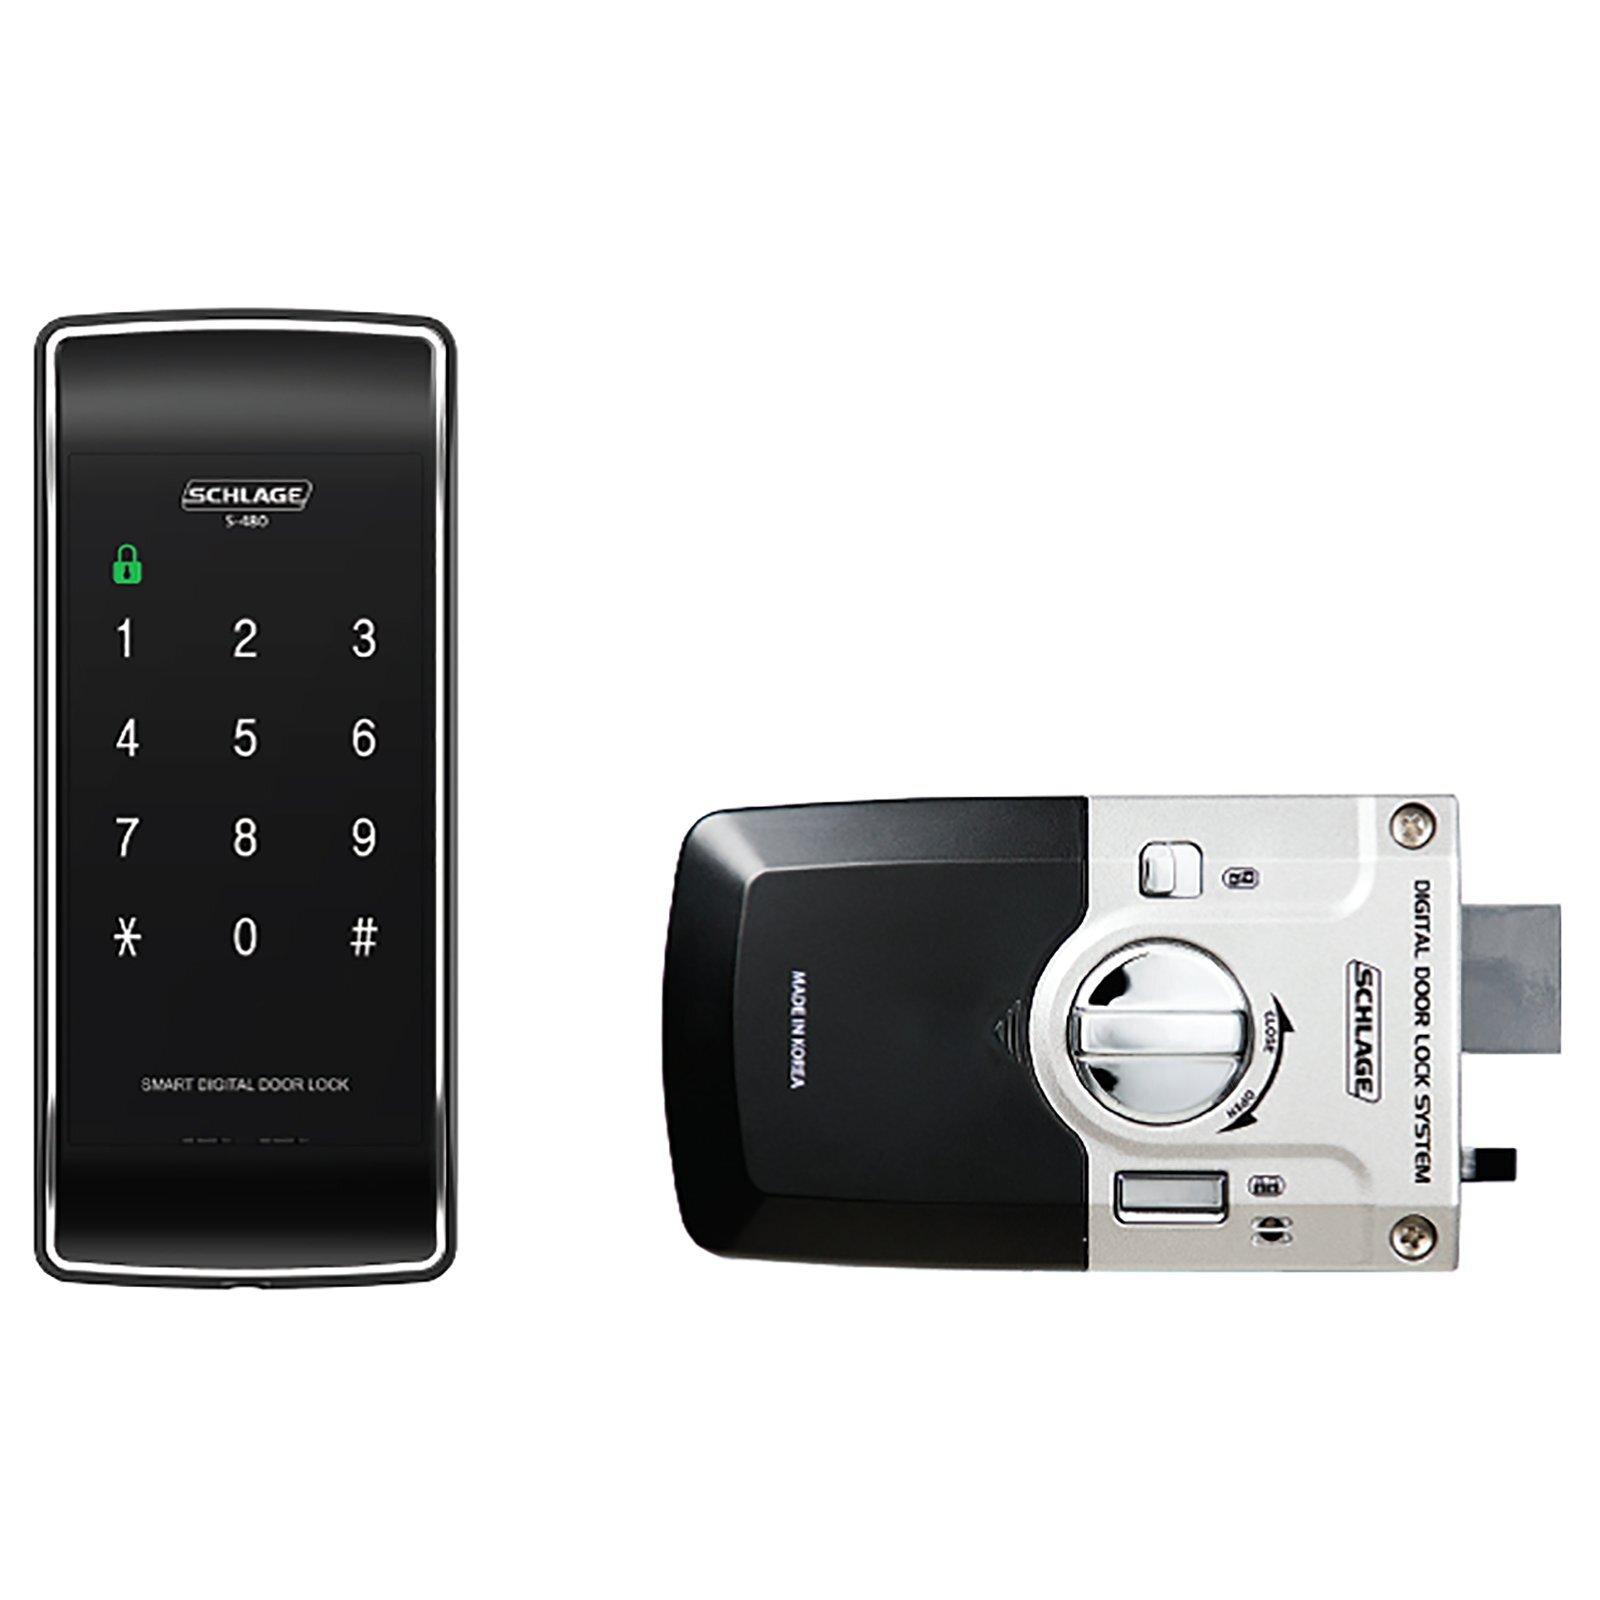 Schlage Black Digital Touchpad Rim Lock